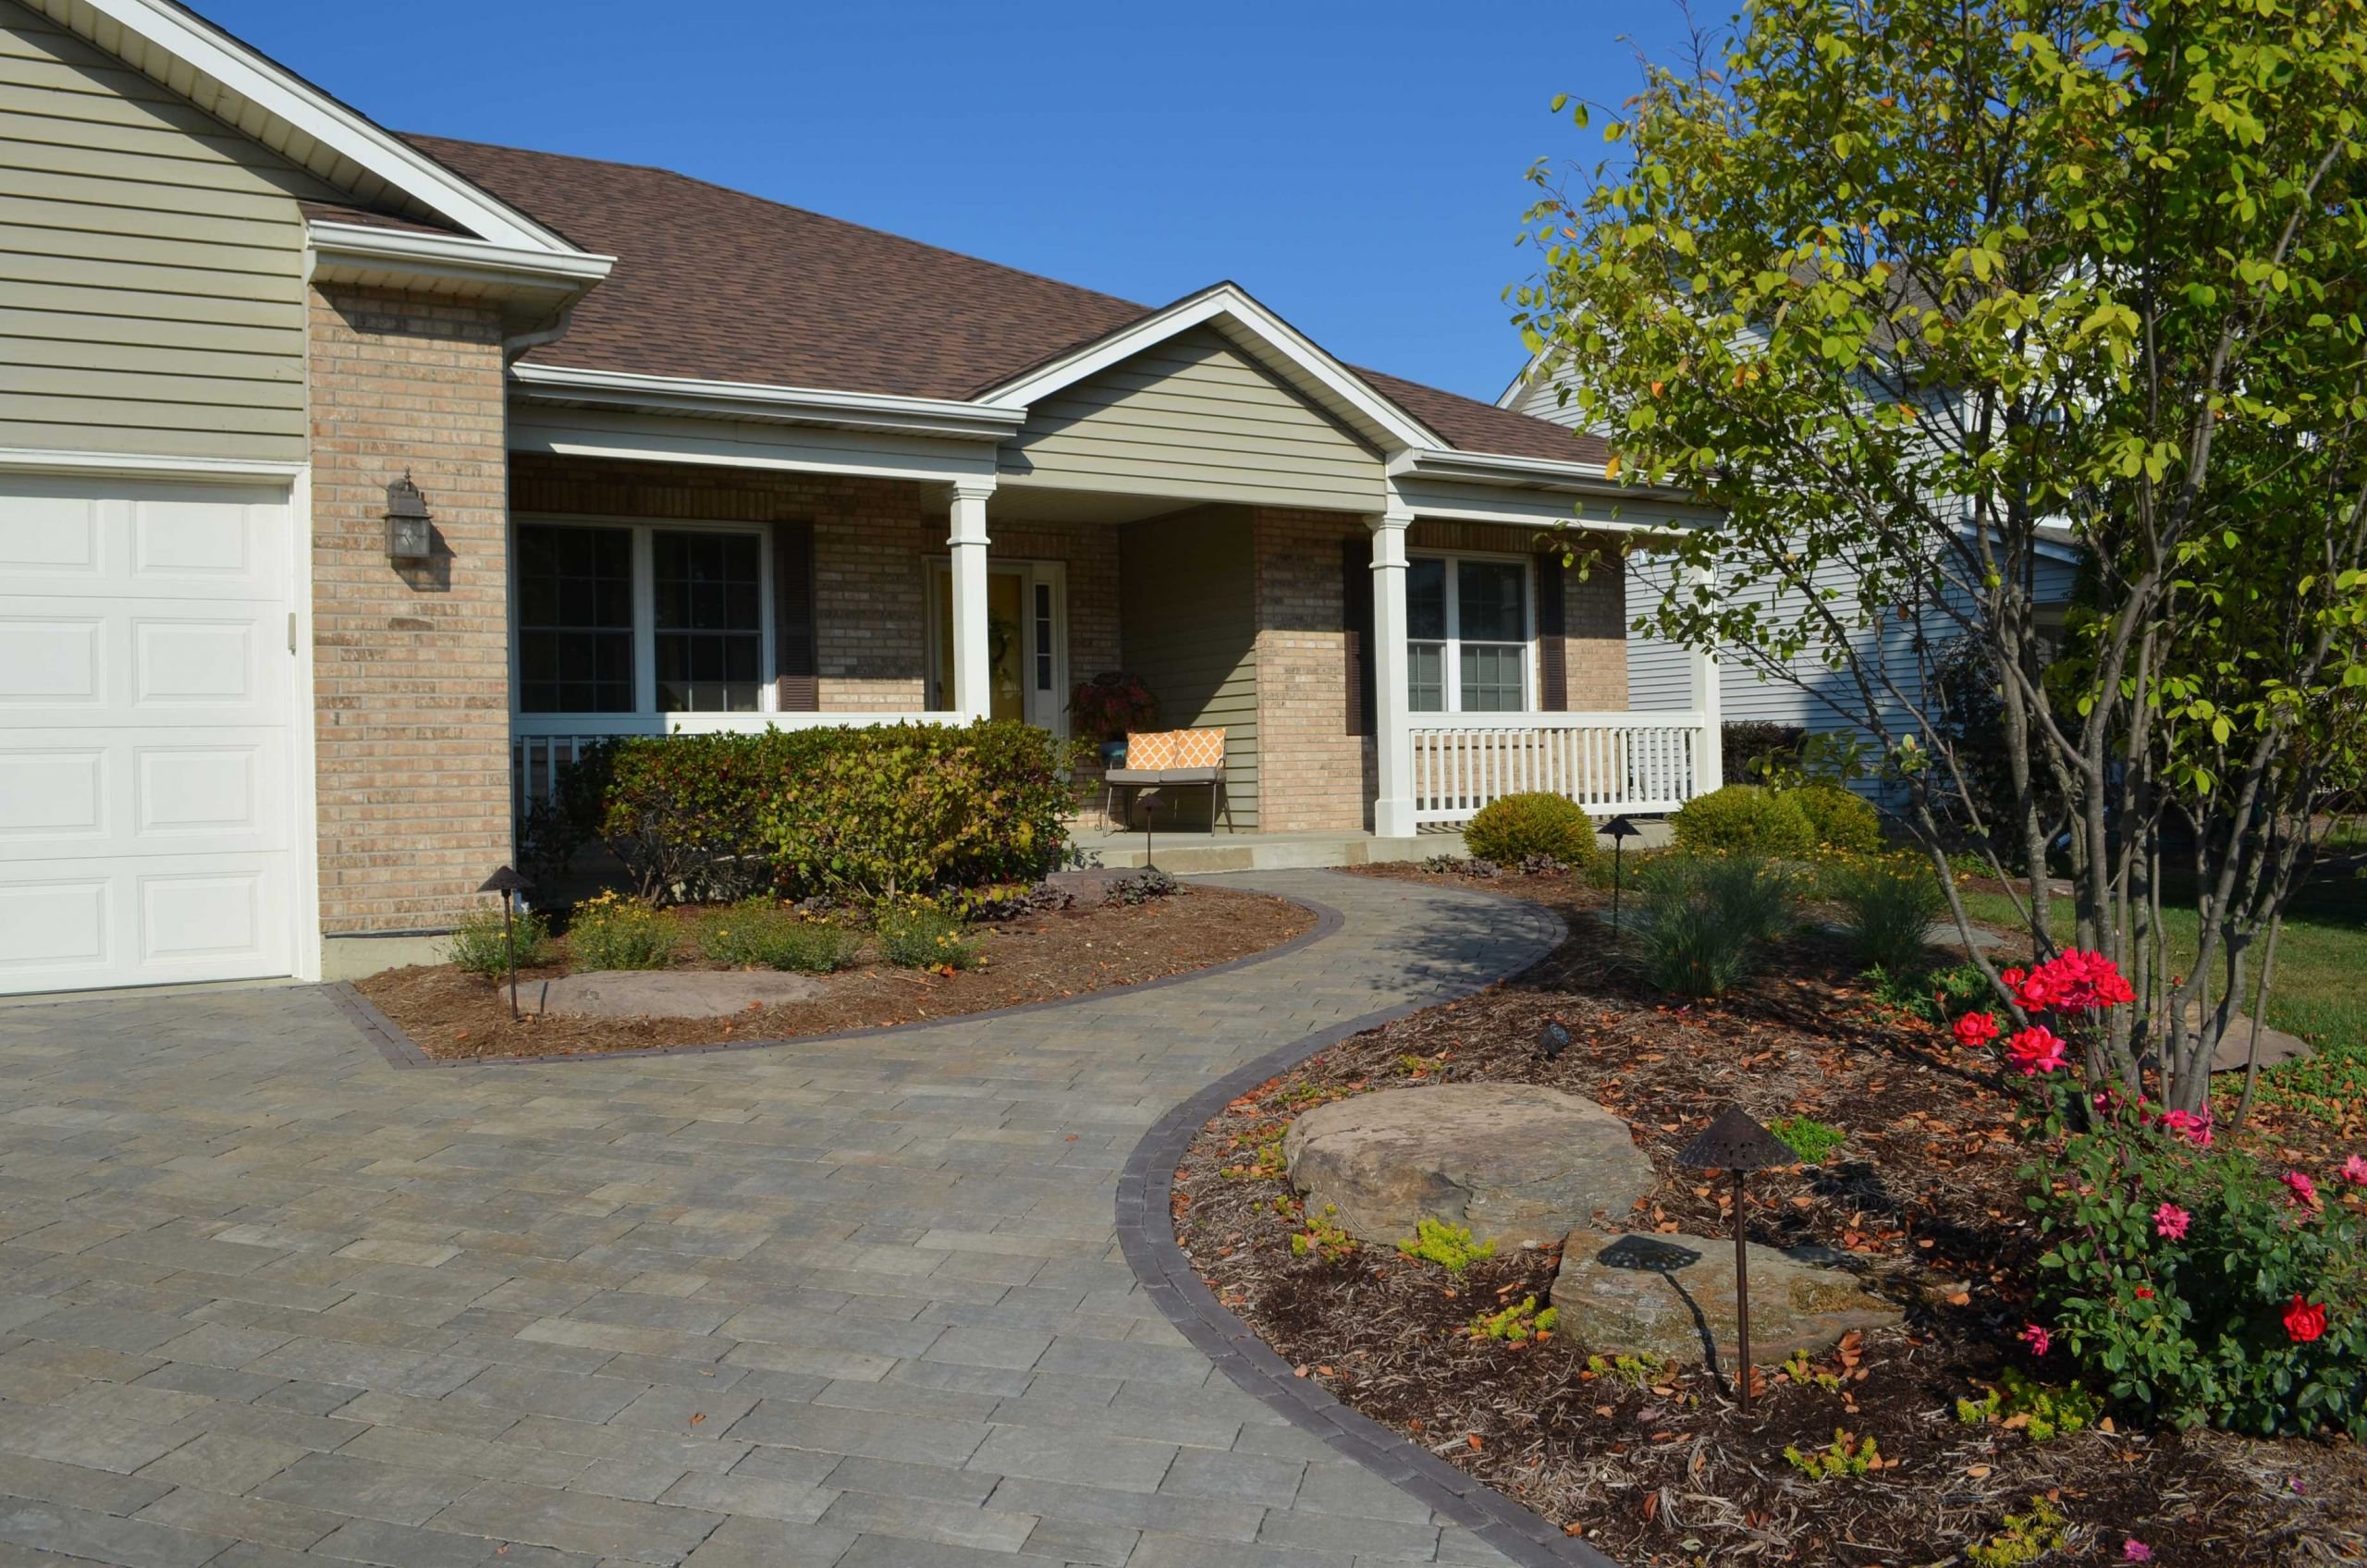 Landscape Design For Front Yards  Front yard landscaping